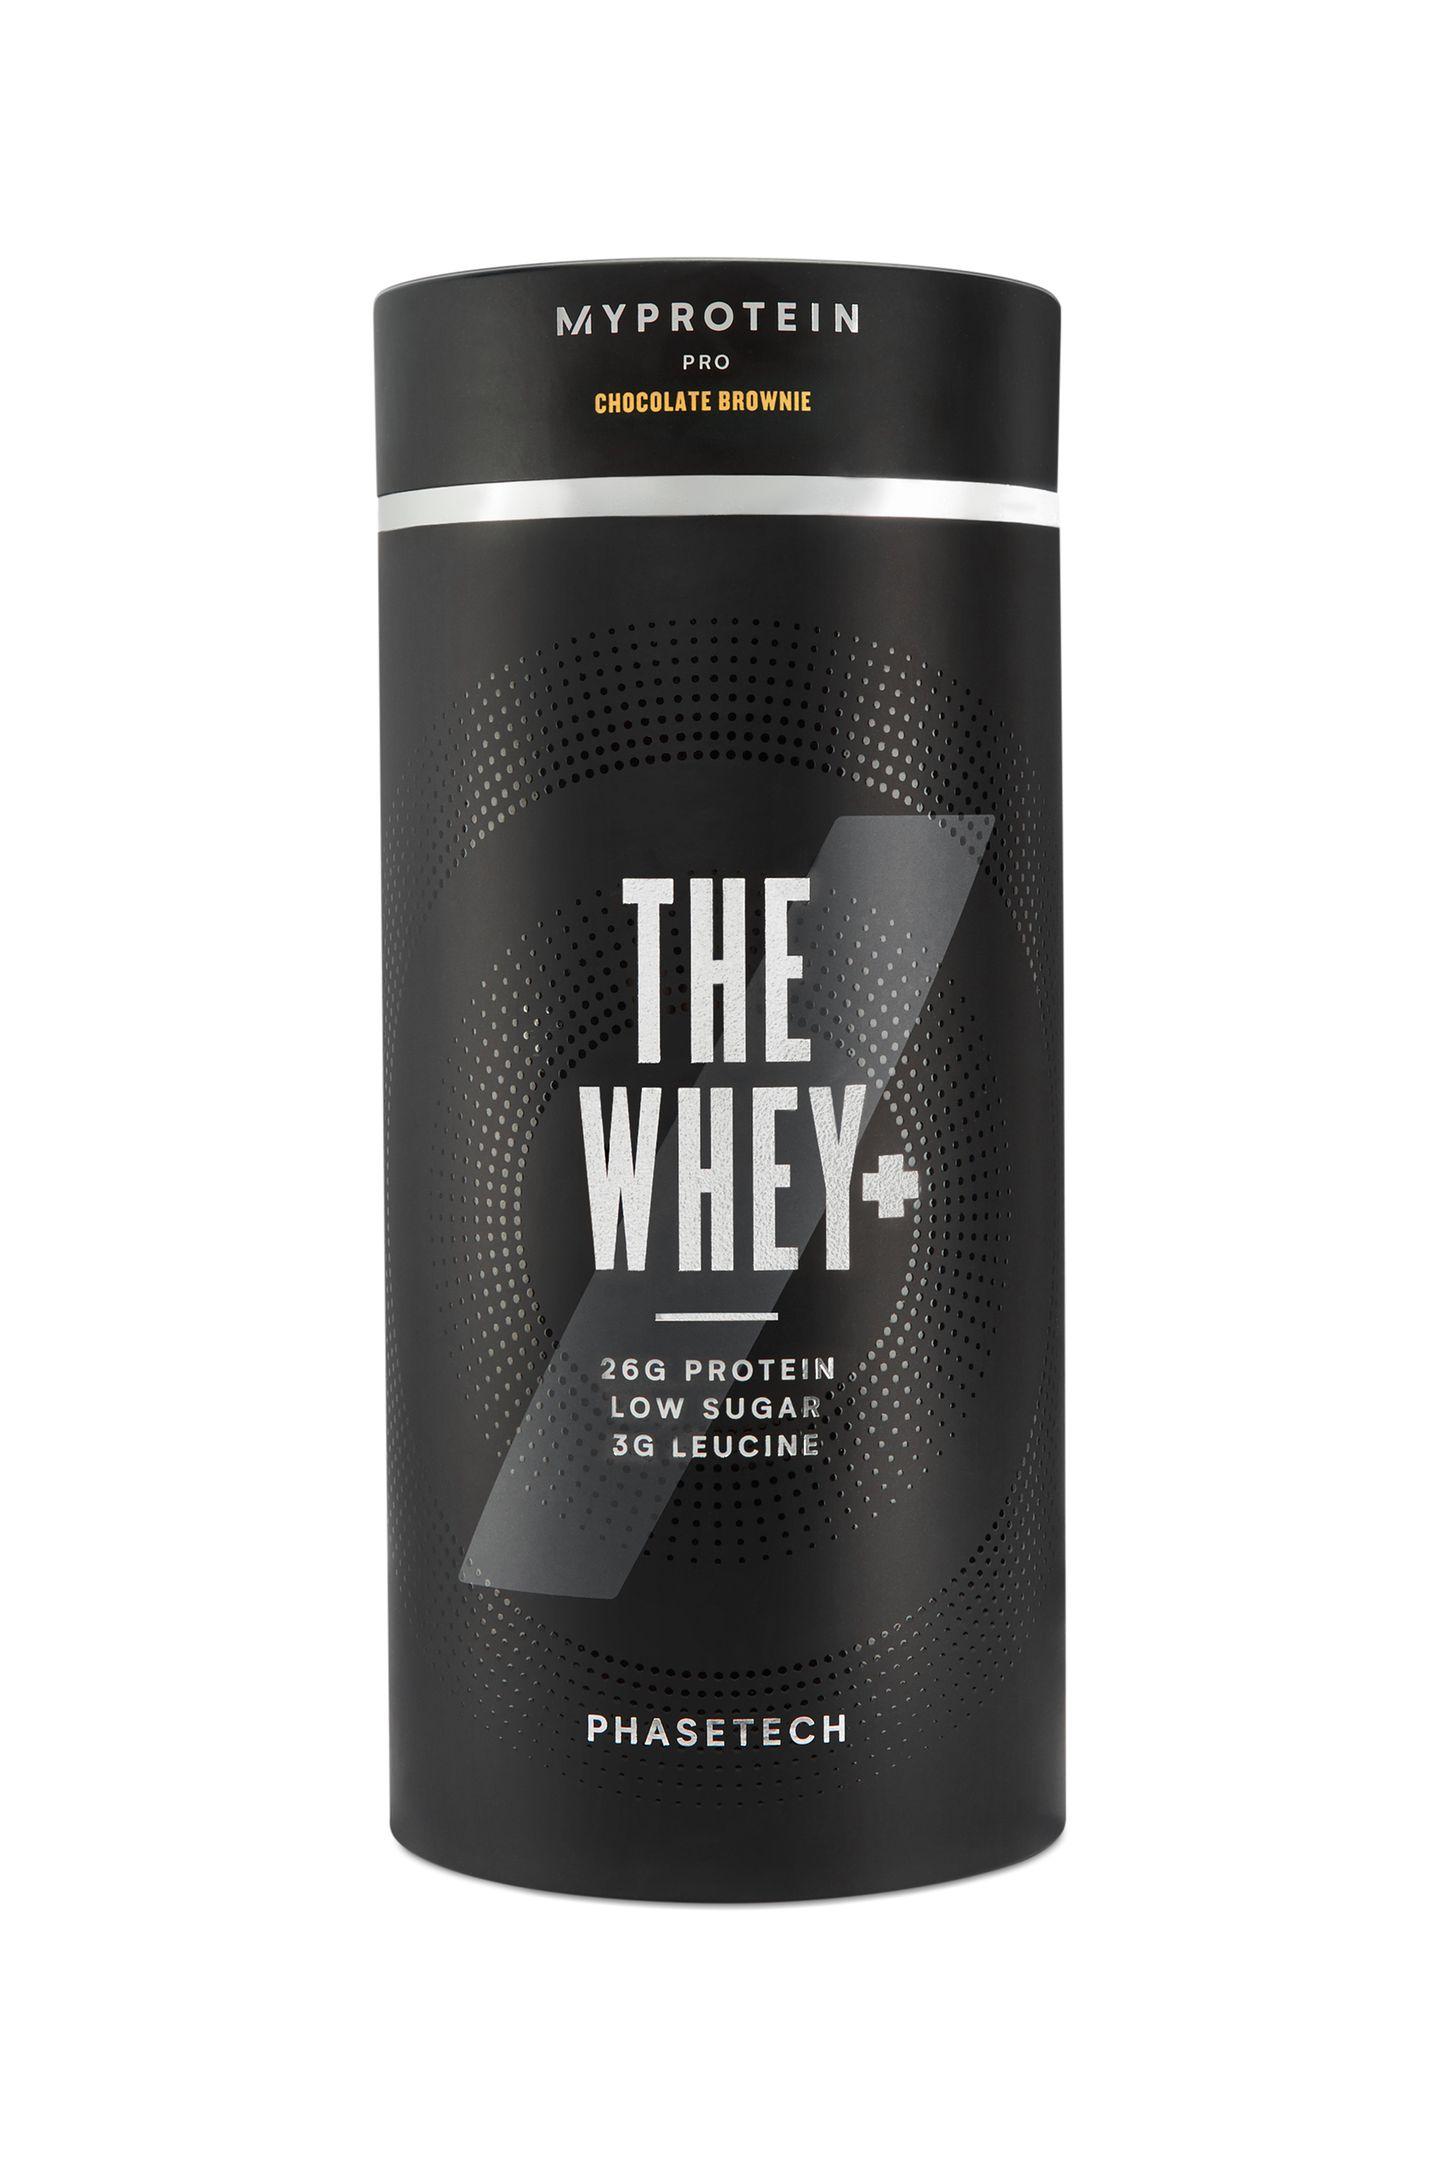 """Nach dem Sport ist vor dem nächsten Proteinshake: Der """"The Whey +"""" unterstützt den Muskelaufbau, sobald es mit Wasser getrunken wurde. Wir lieben die Geschmacksrichtung """"Chocolate Brownie"""". Von Myprotein, ca. 30 Euro"""